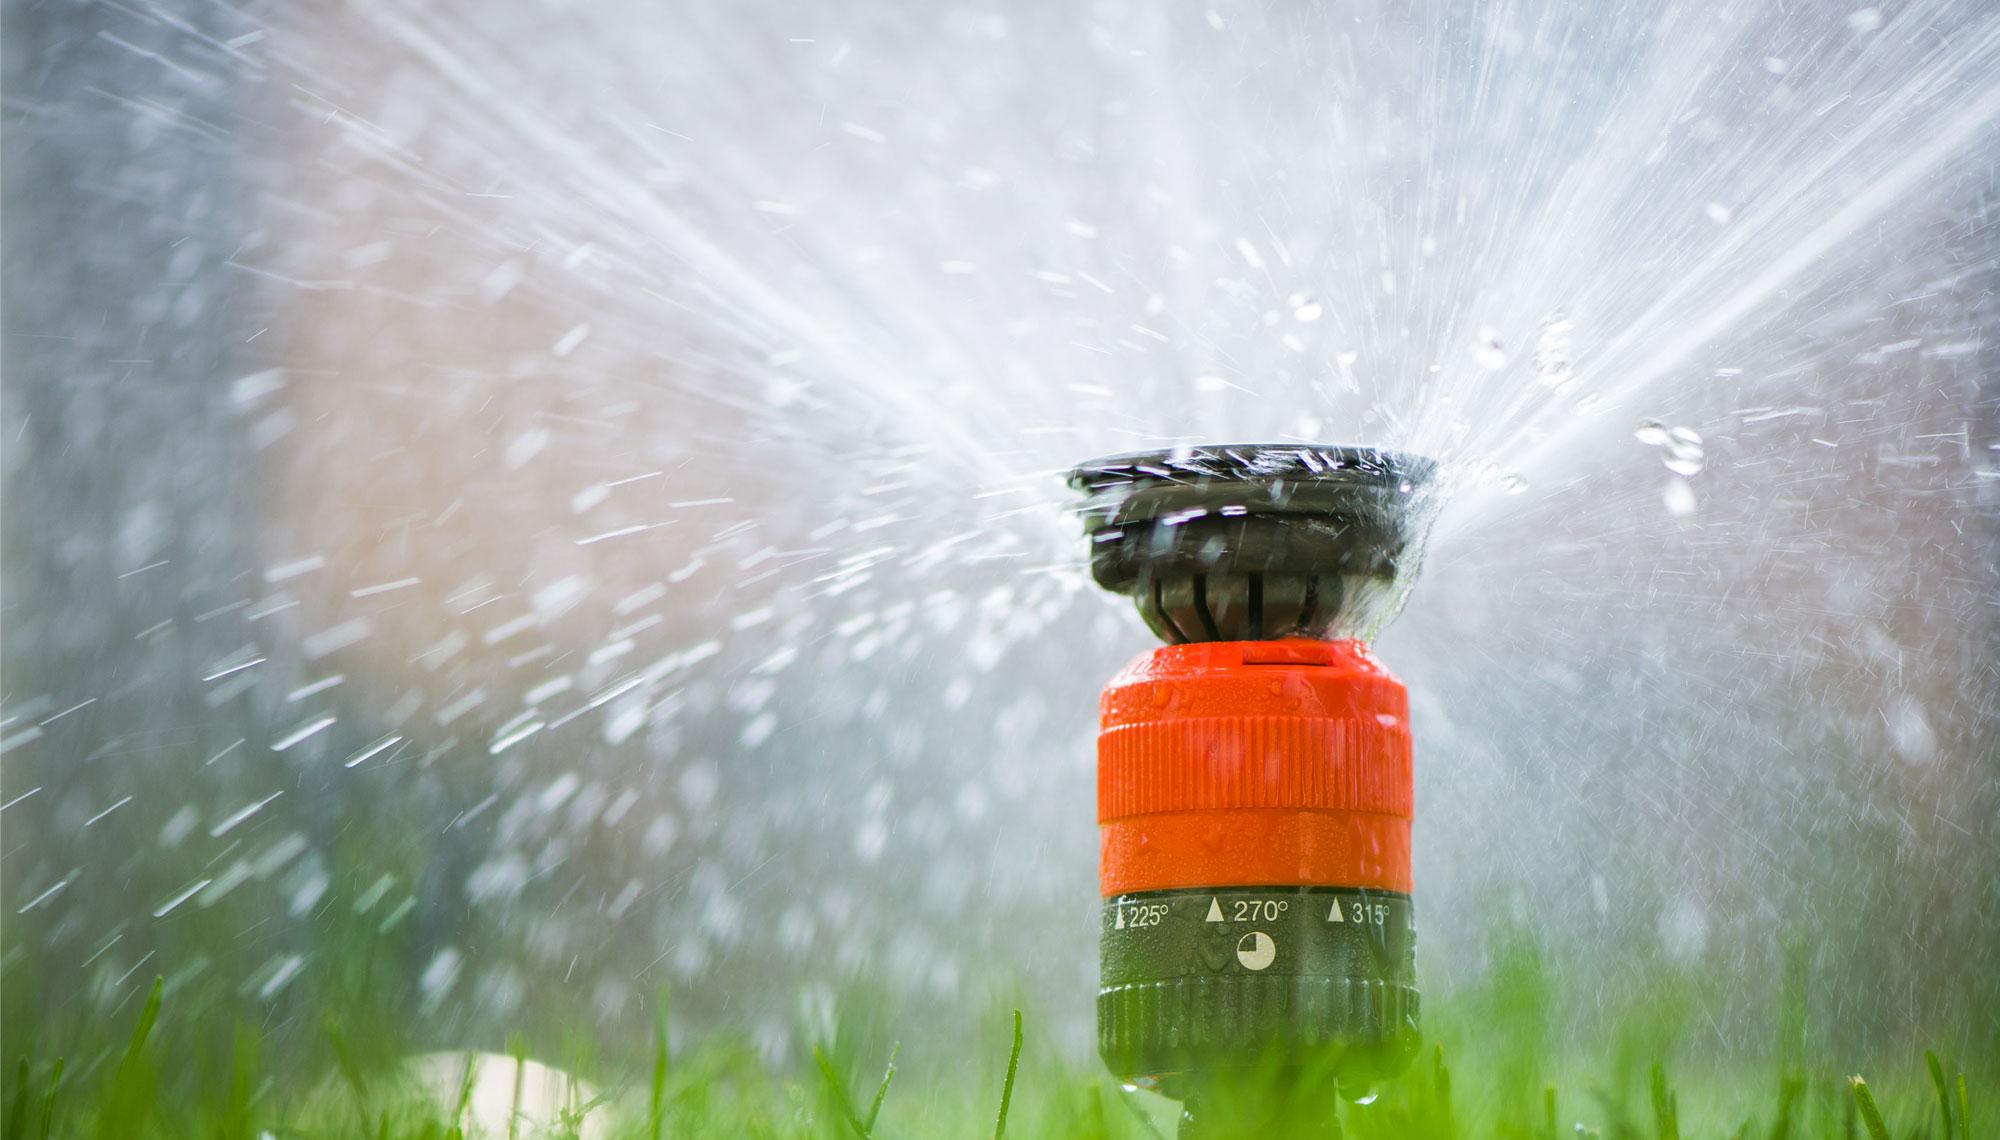 Tampa Bay Irrigation System Installation